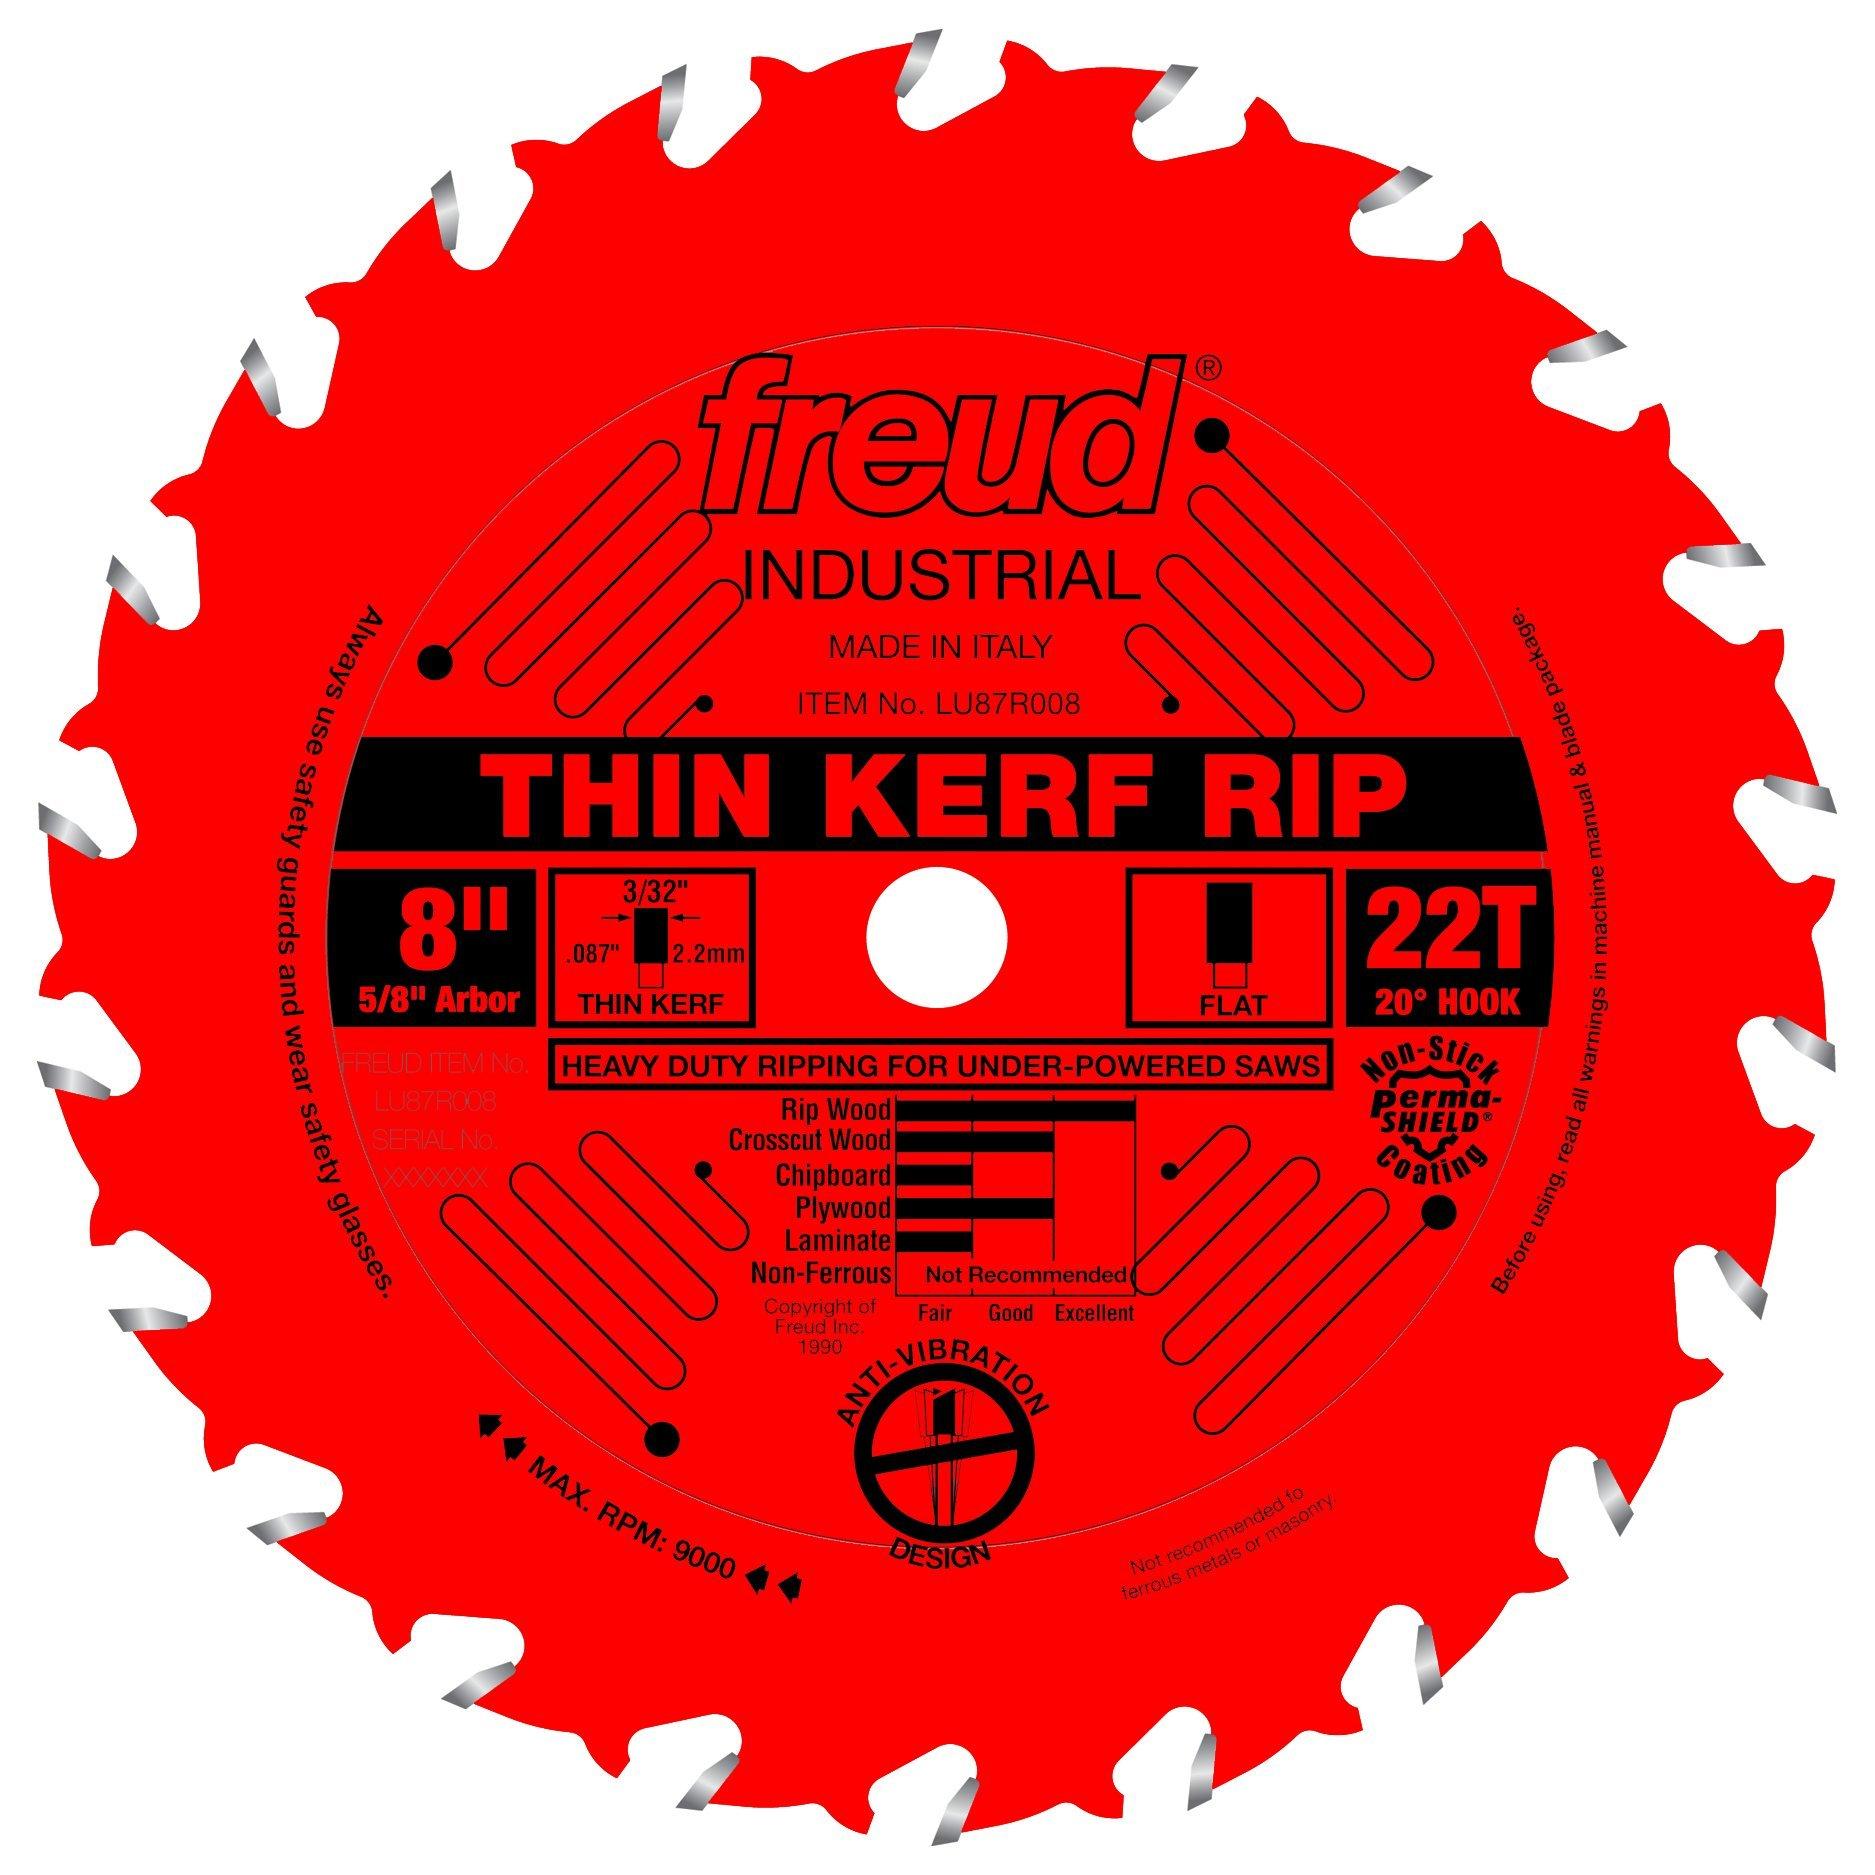 Disco Sierra FREUD 8 x 22T Thin Kerf Rip (LU87R008)